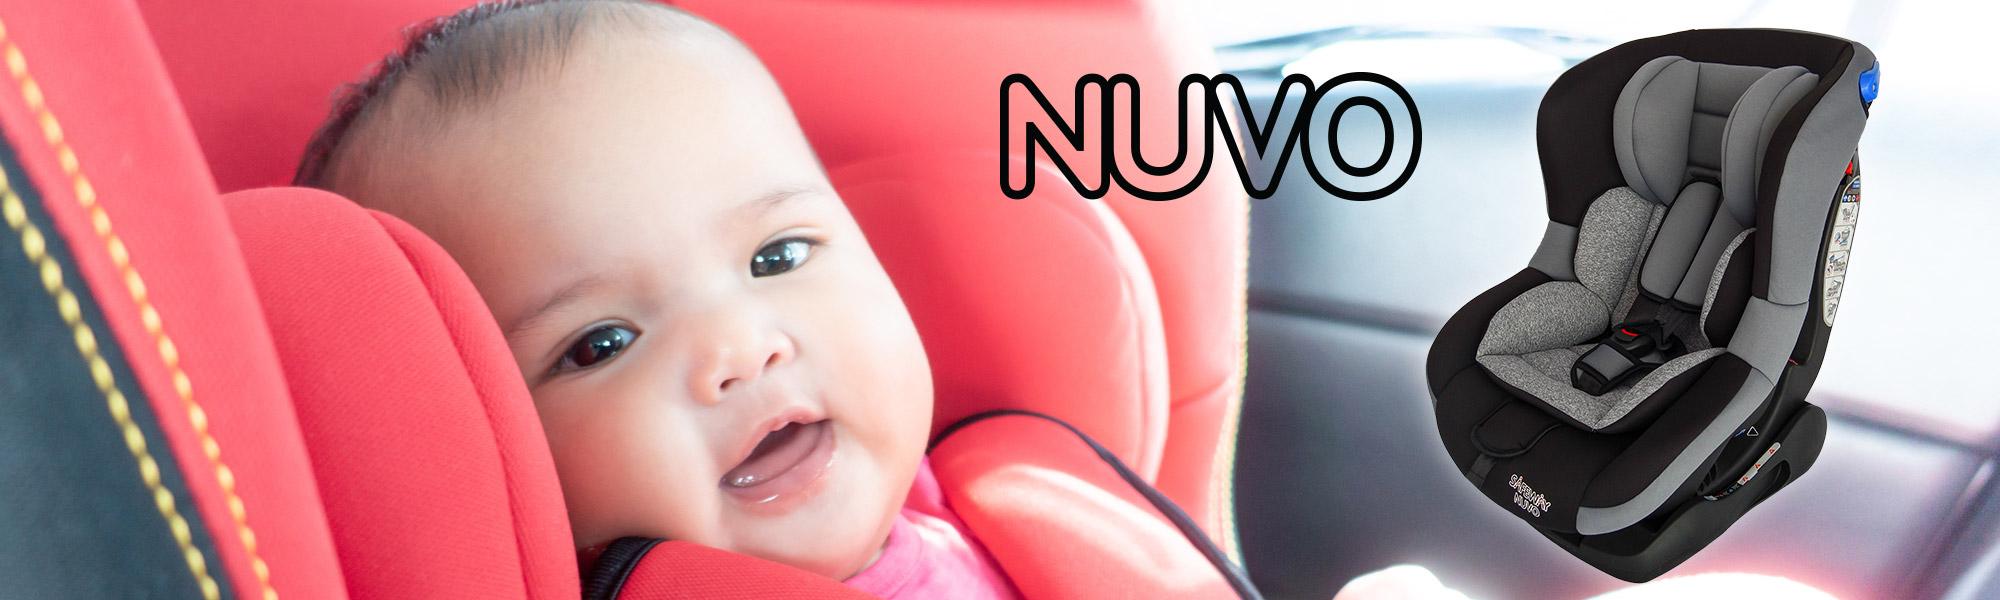 Nuvo-2000x600